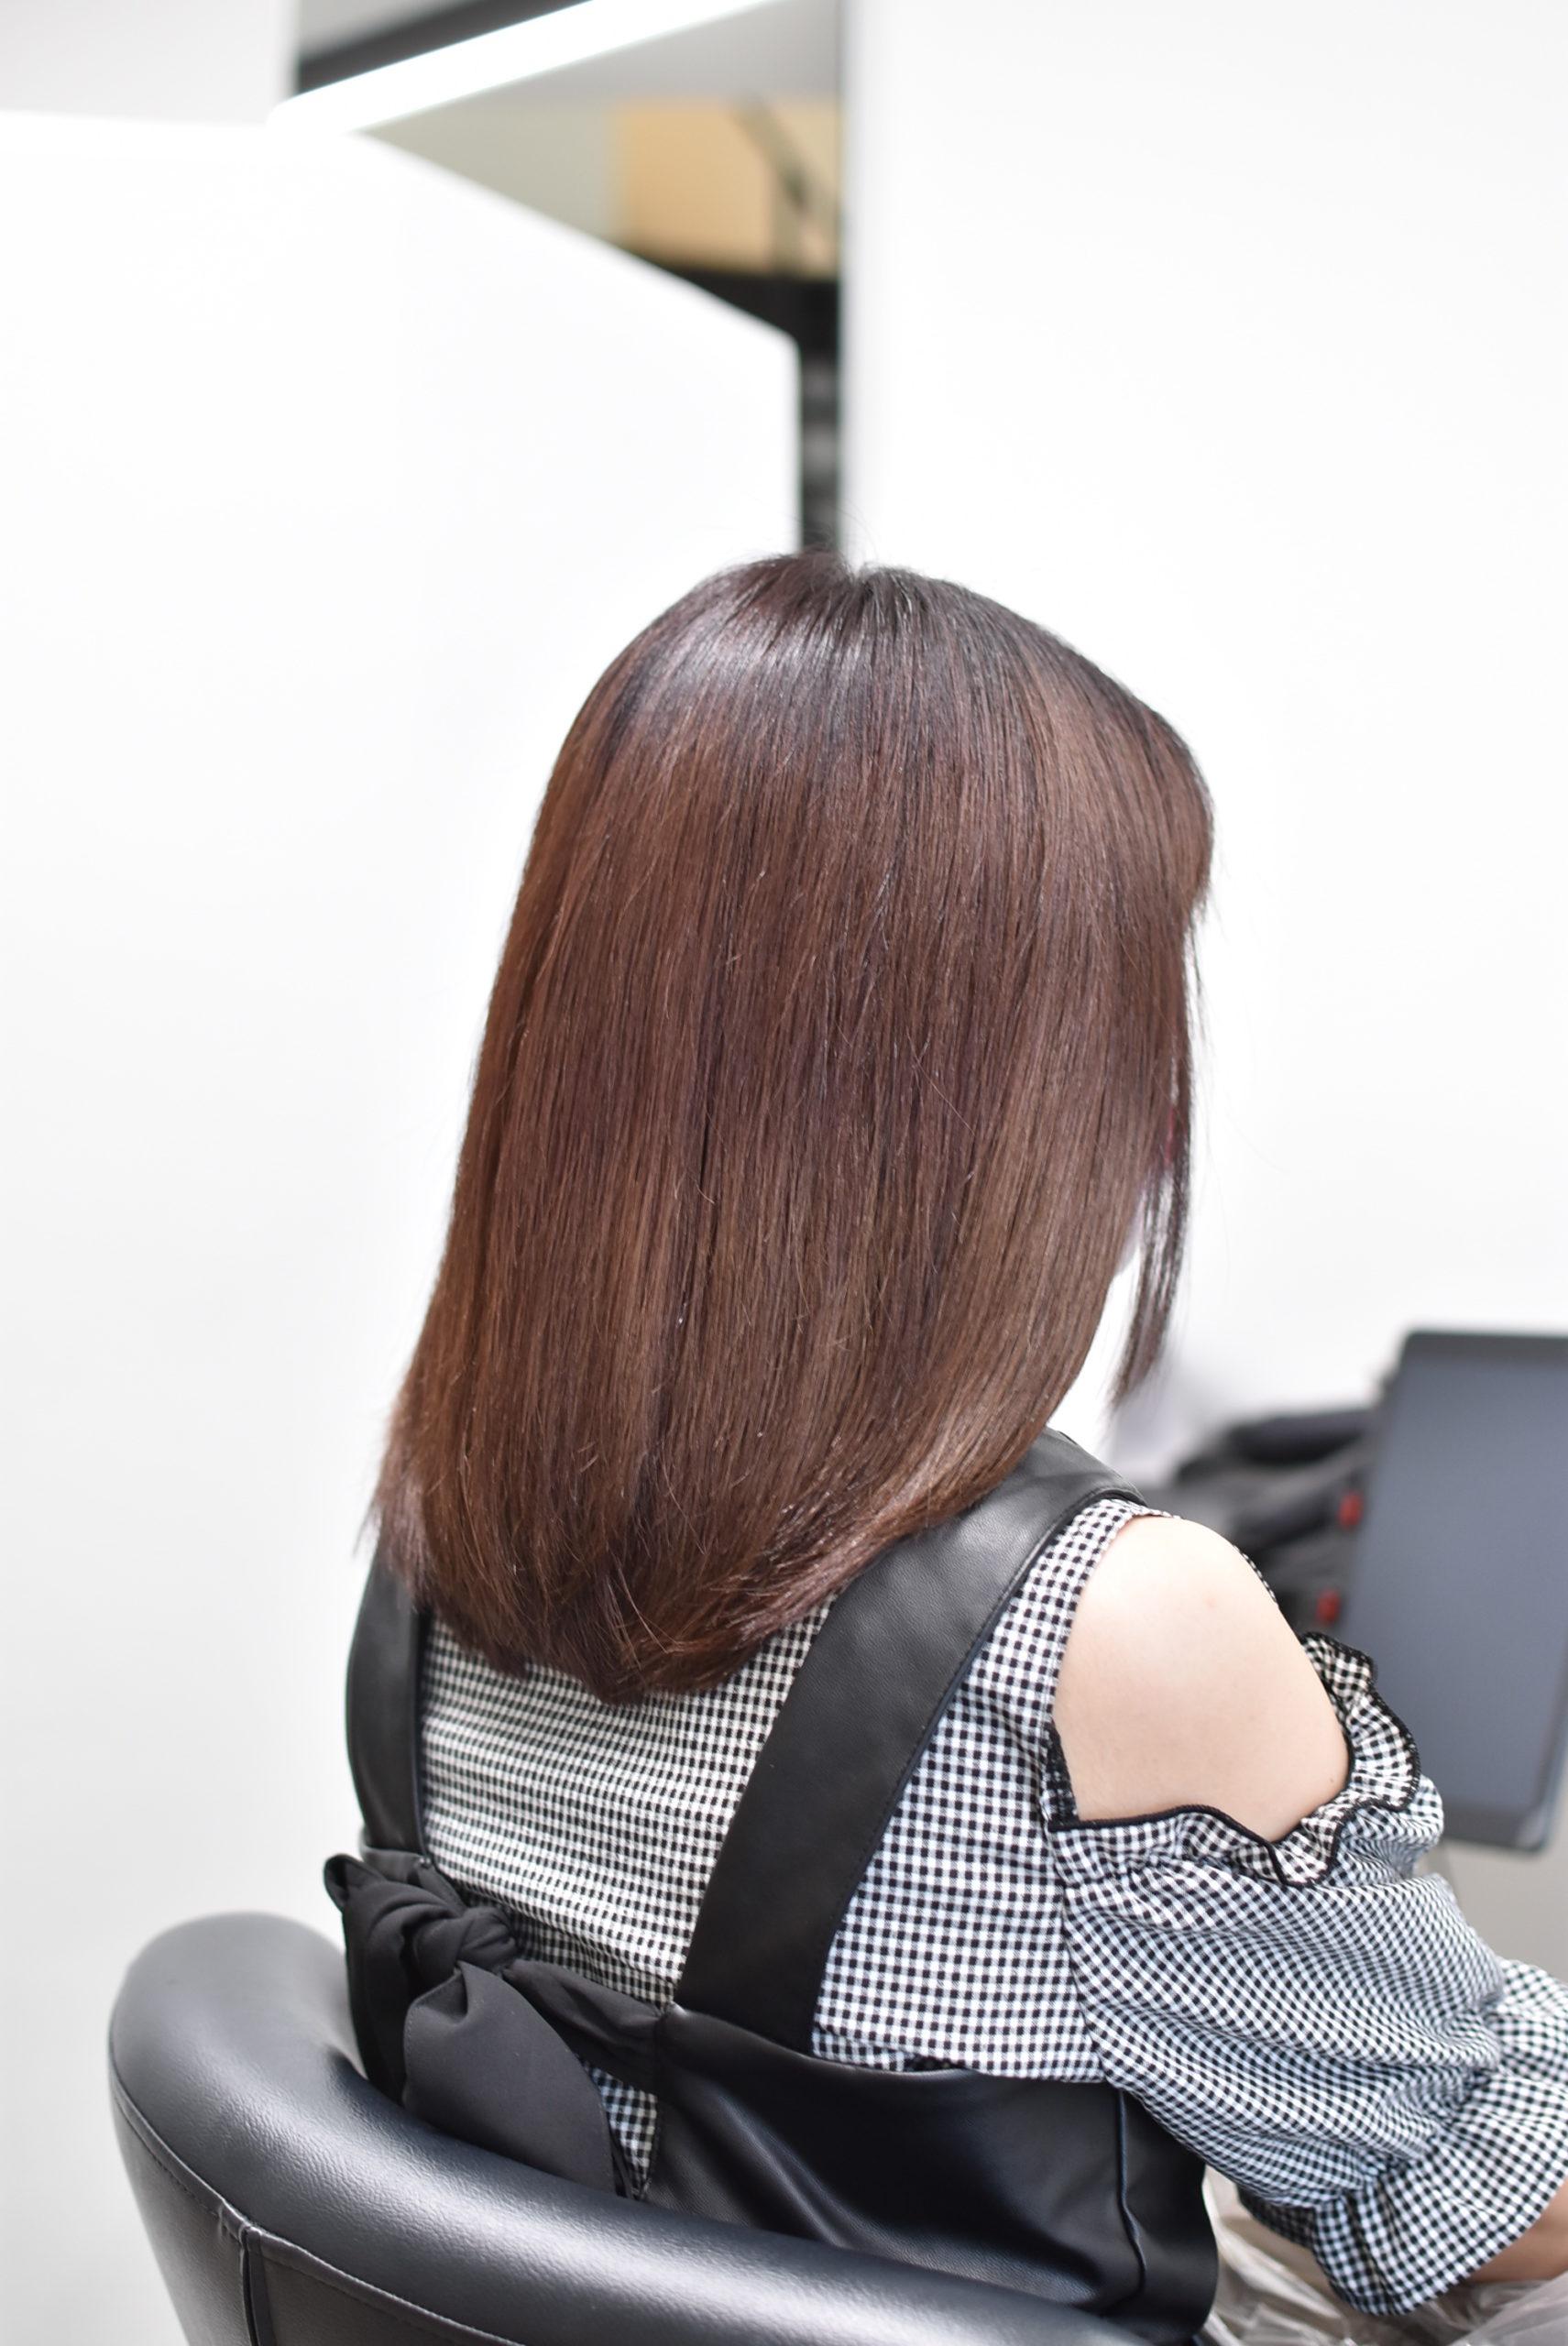 ツヤまとまりがでたヘアスタイル